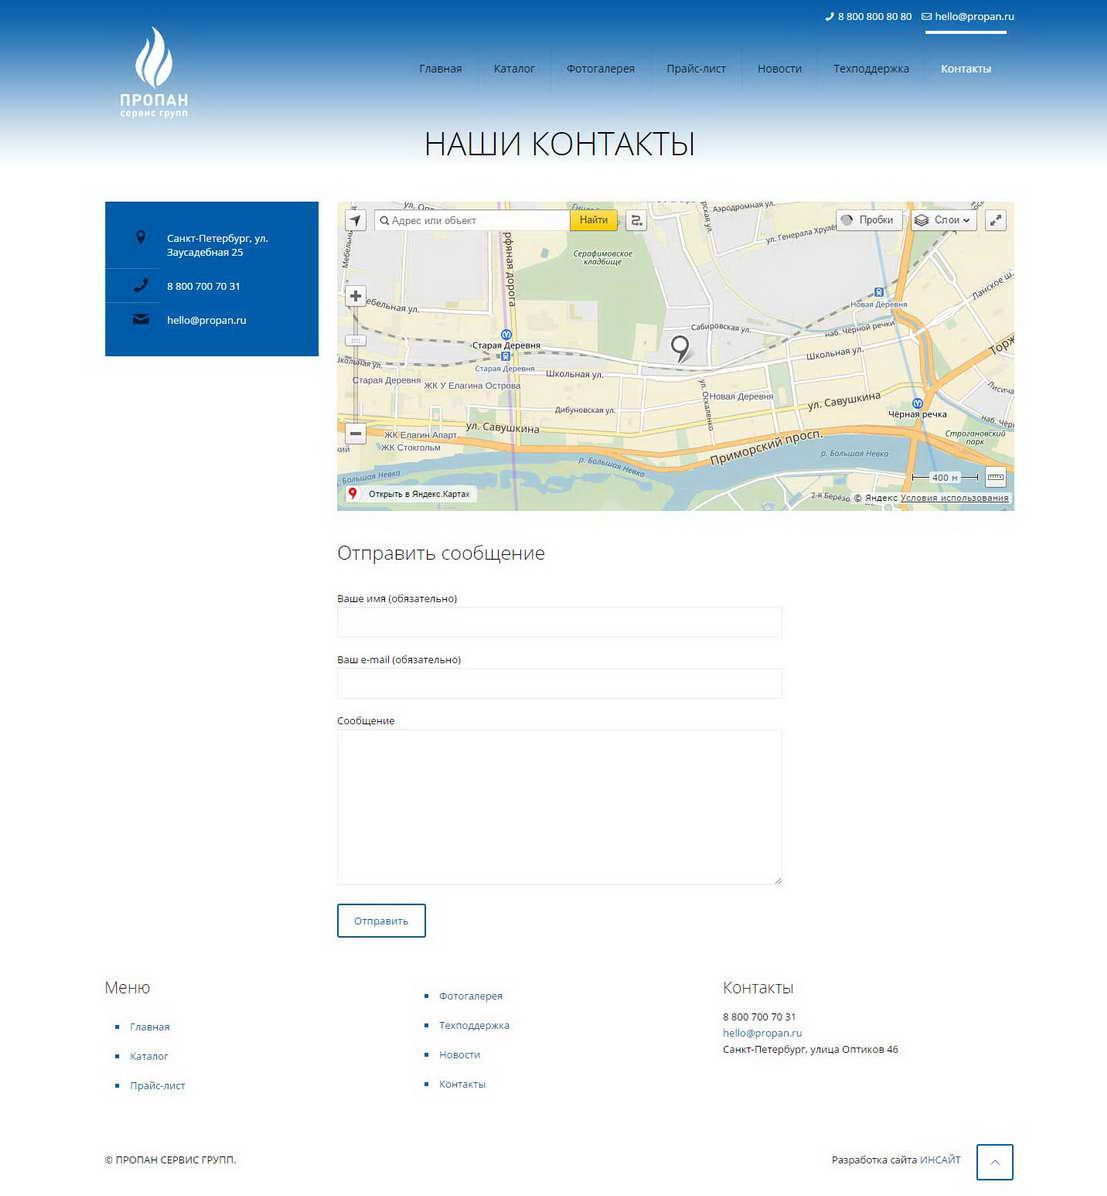 Программирование сайта ПРОПАН СЕРВИС ГРУПП контакты